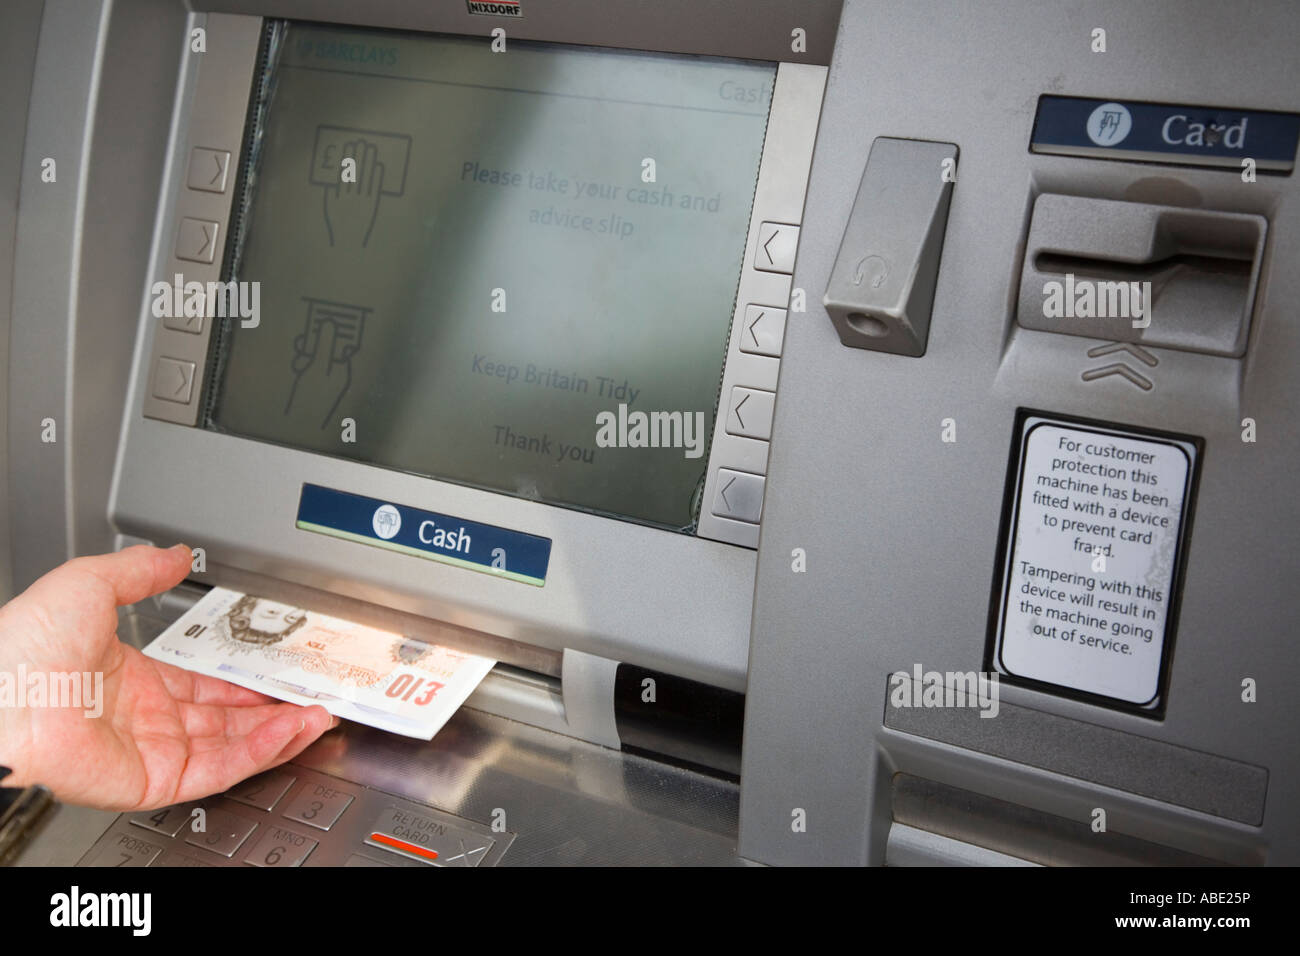 Cajero automático agujero en el muro cajero automático retirar pantalla de dinero con la mano de un pensionista tomando pagarés de 10 libras esterlinas. Inglaterra Reino Unido Gran Bretaña Foto de stock